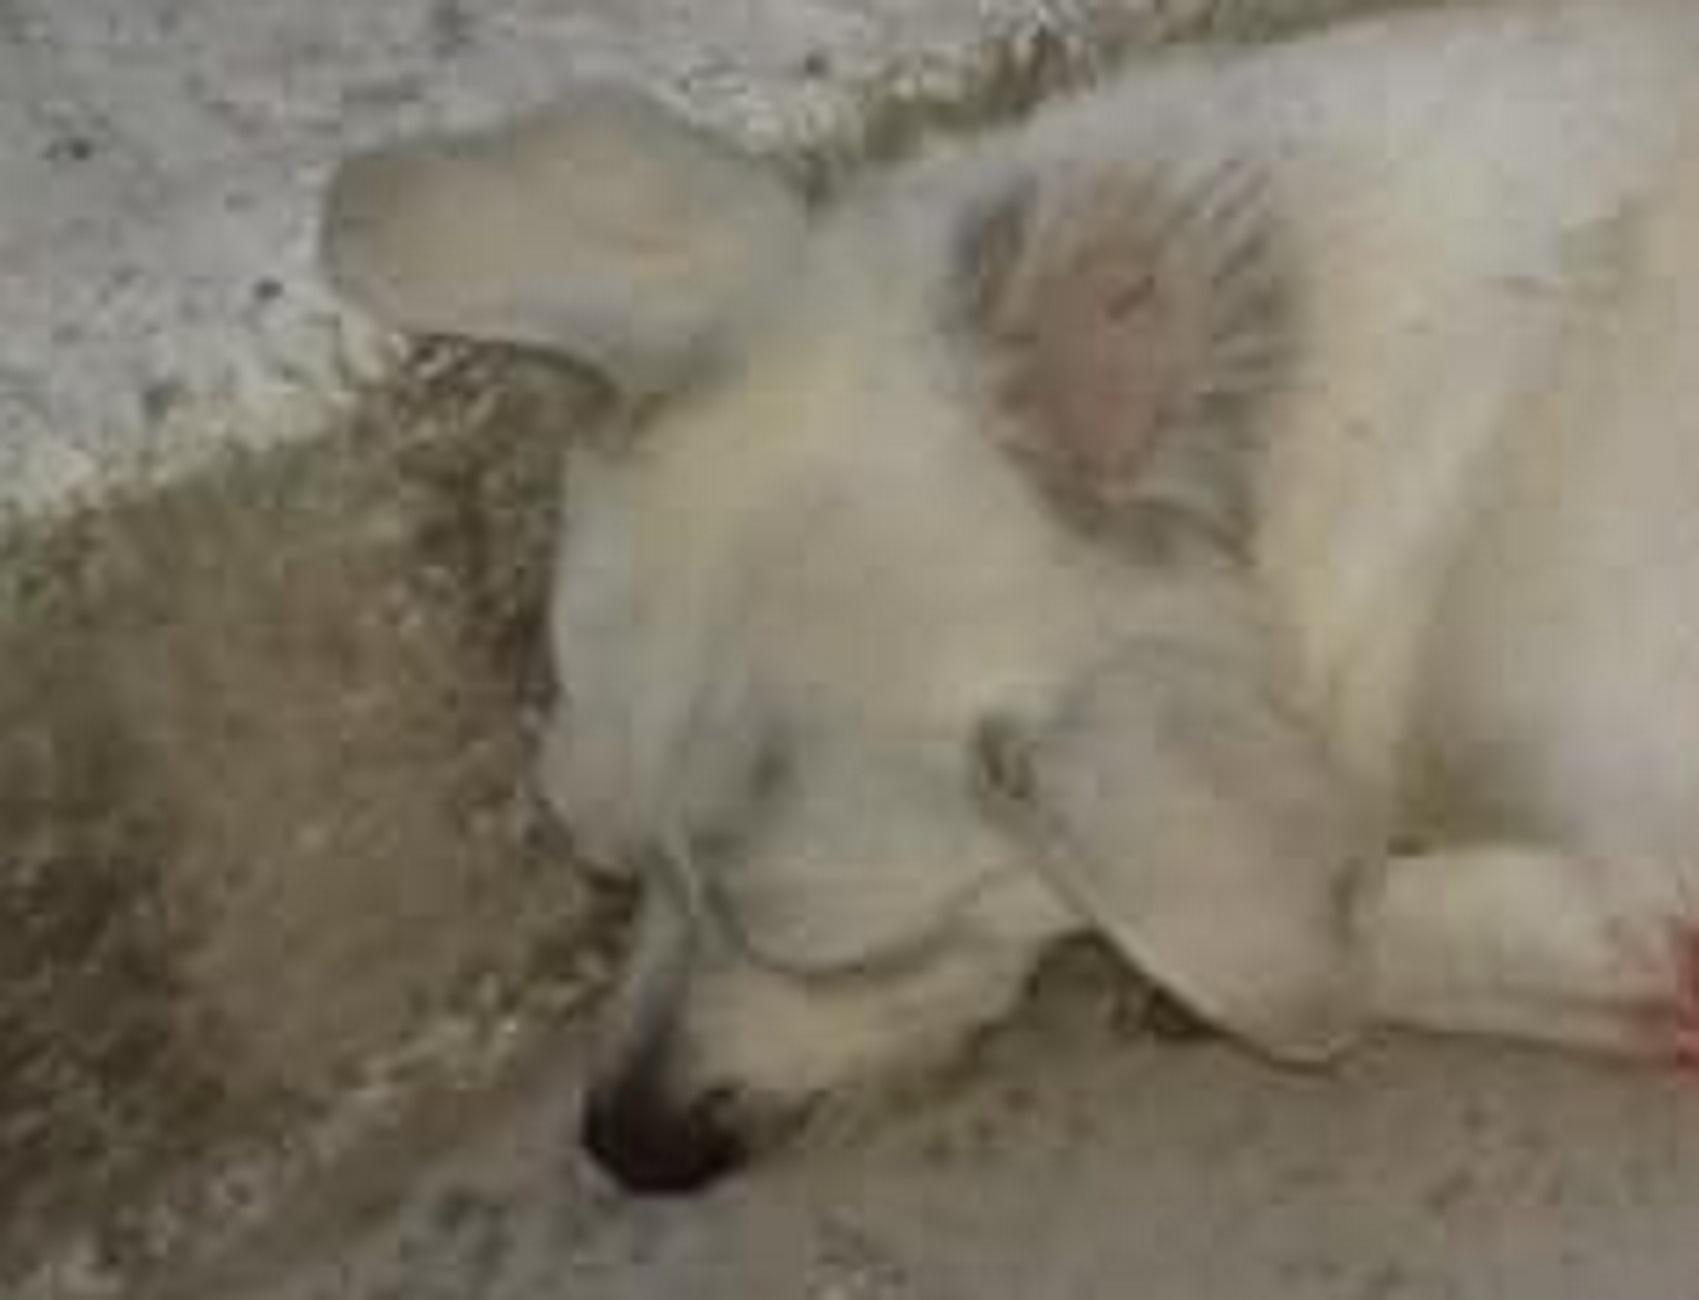 Κέρκυρα: Σκότωσε τον σκύλο επειδή πήγε να ζευγαρώσει – Οργή μετά τις σκληρές εικόνες!